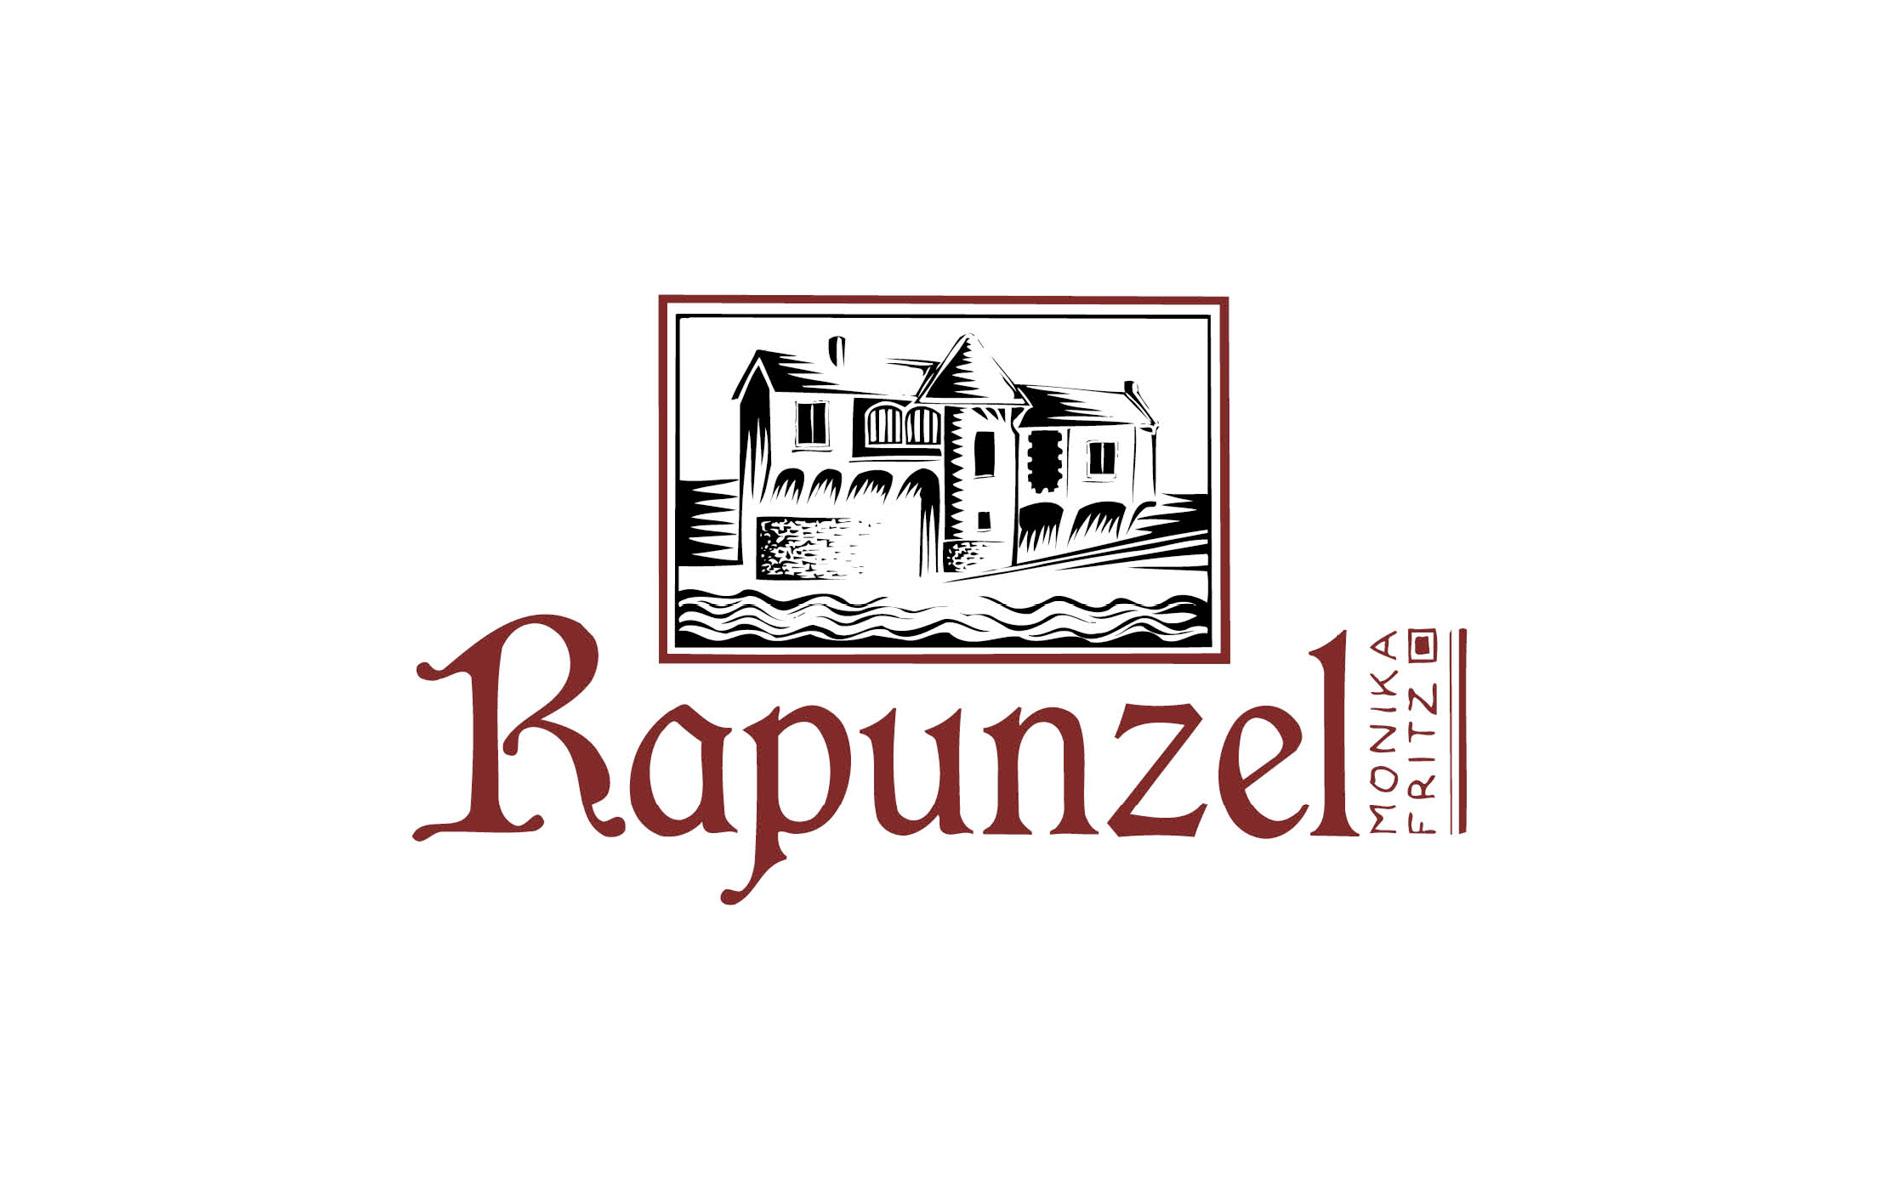 FOTO & GRAFIK Joachim Haschek / Logodesign: Rapunzel